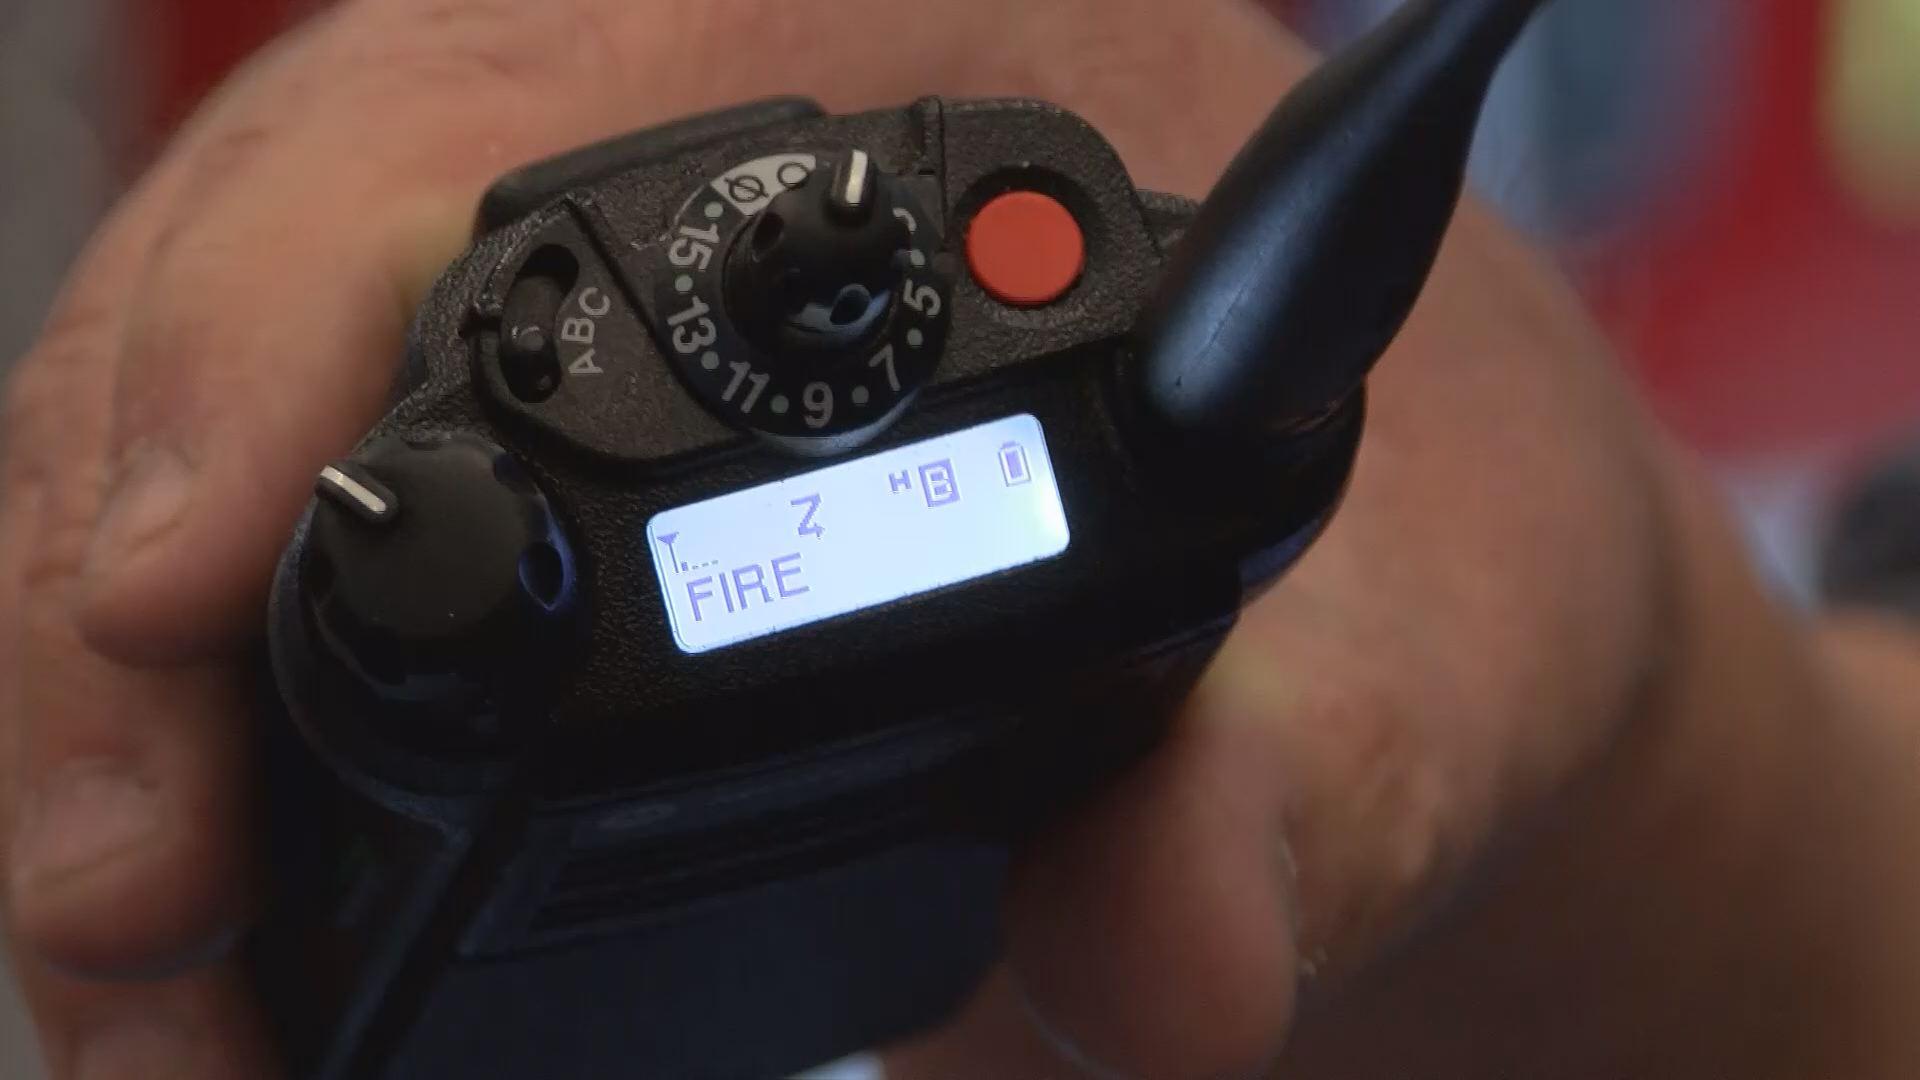 911 NEEDS_162196